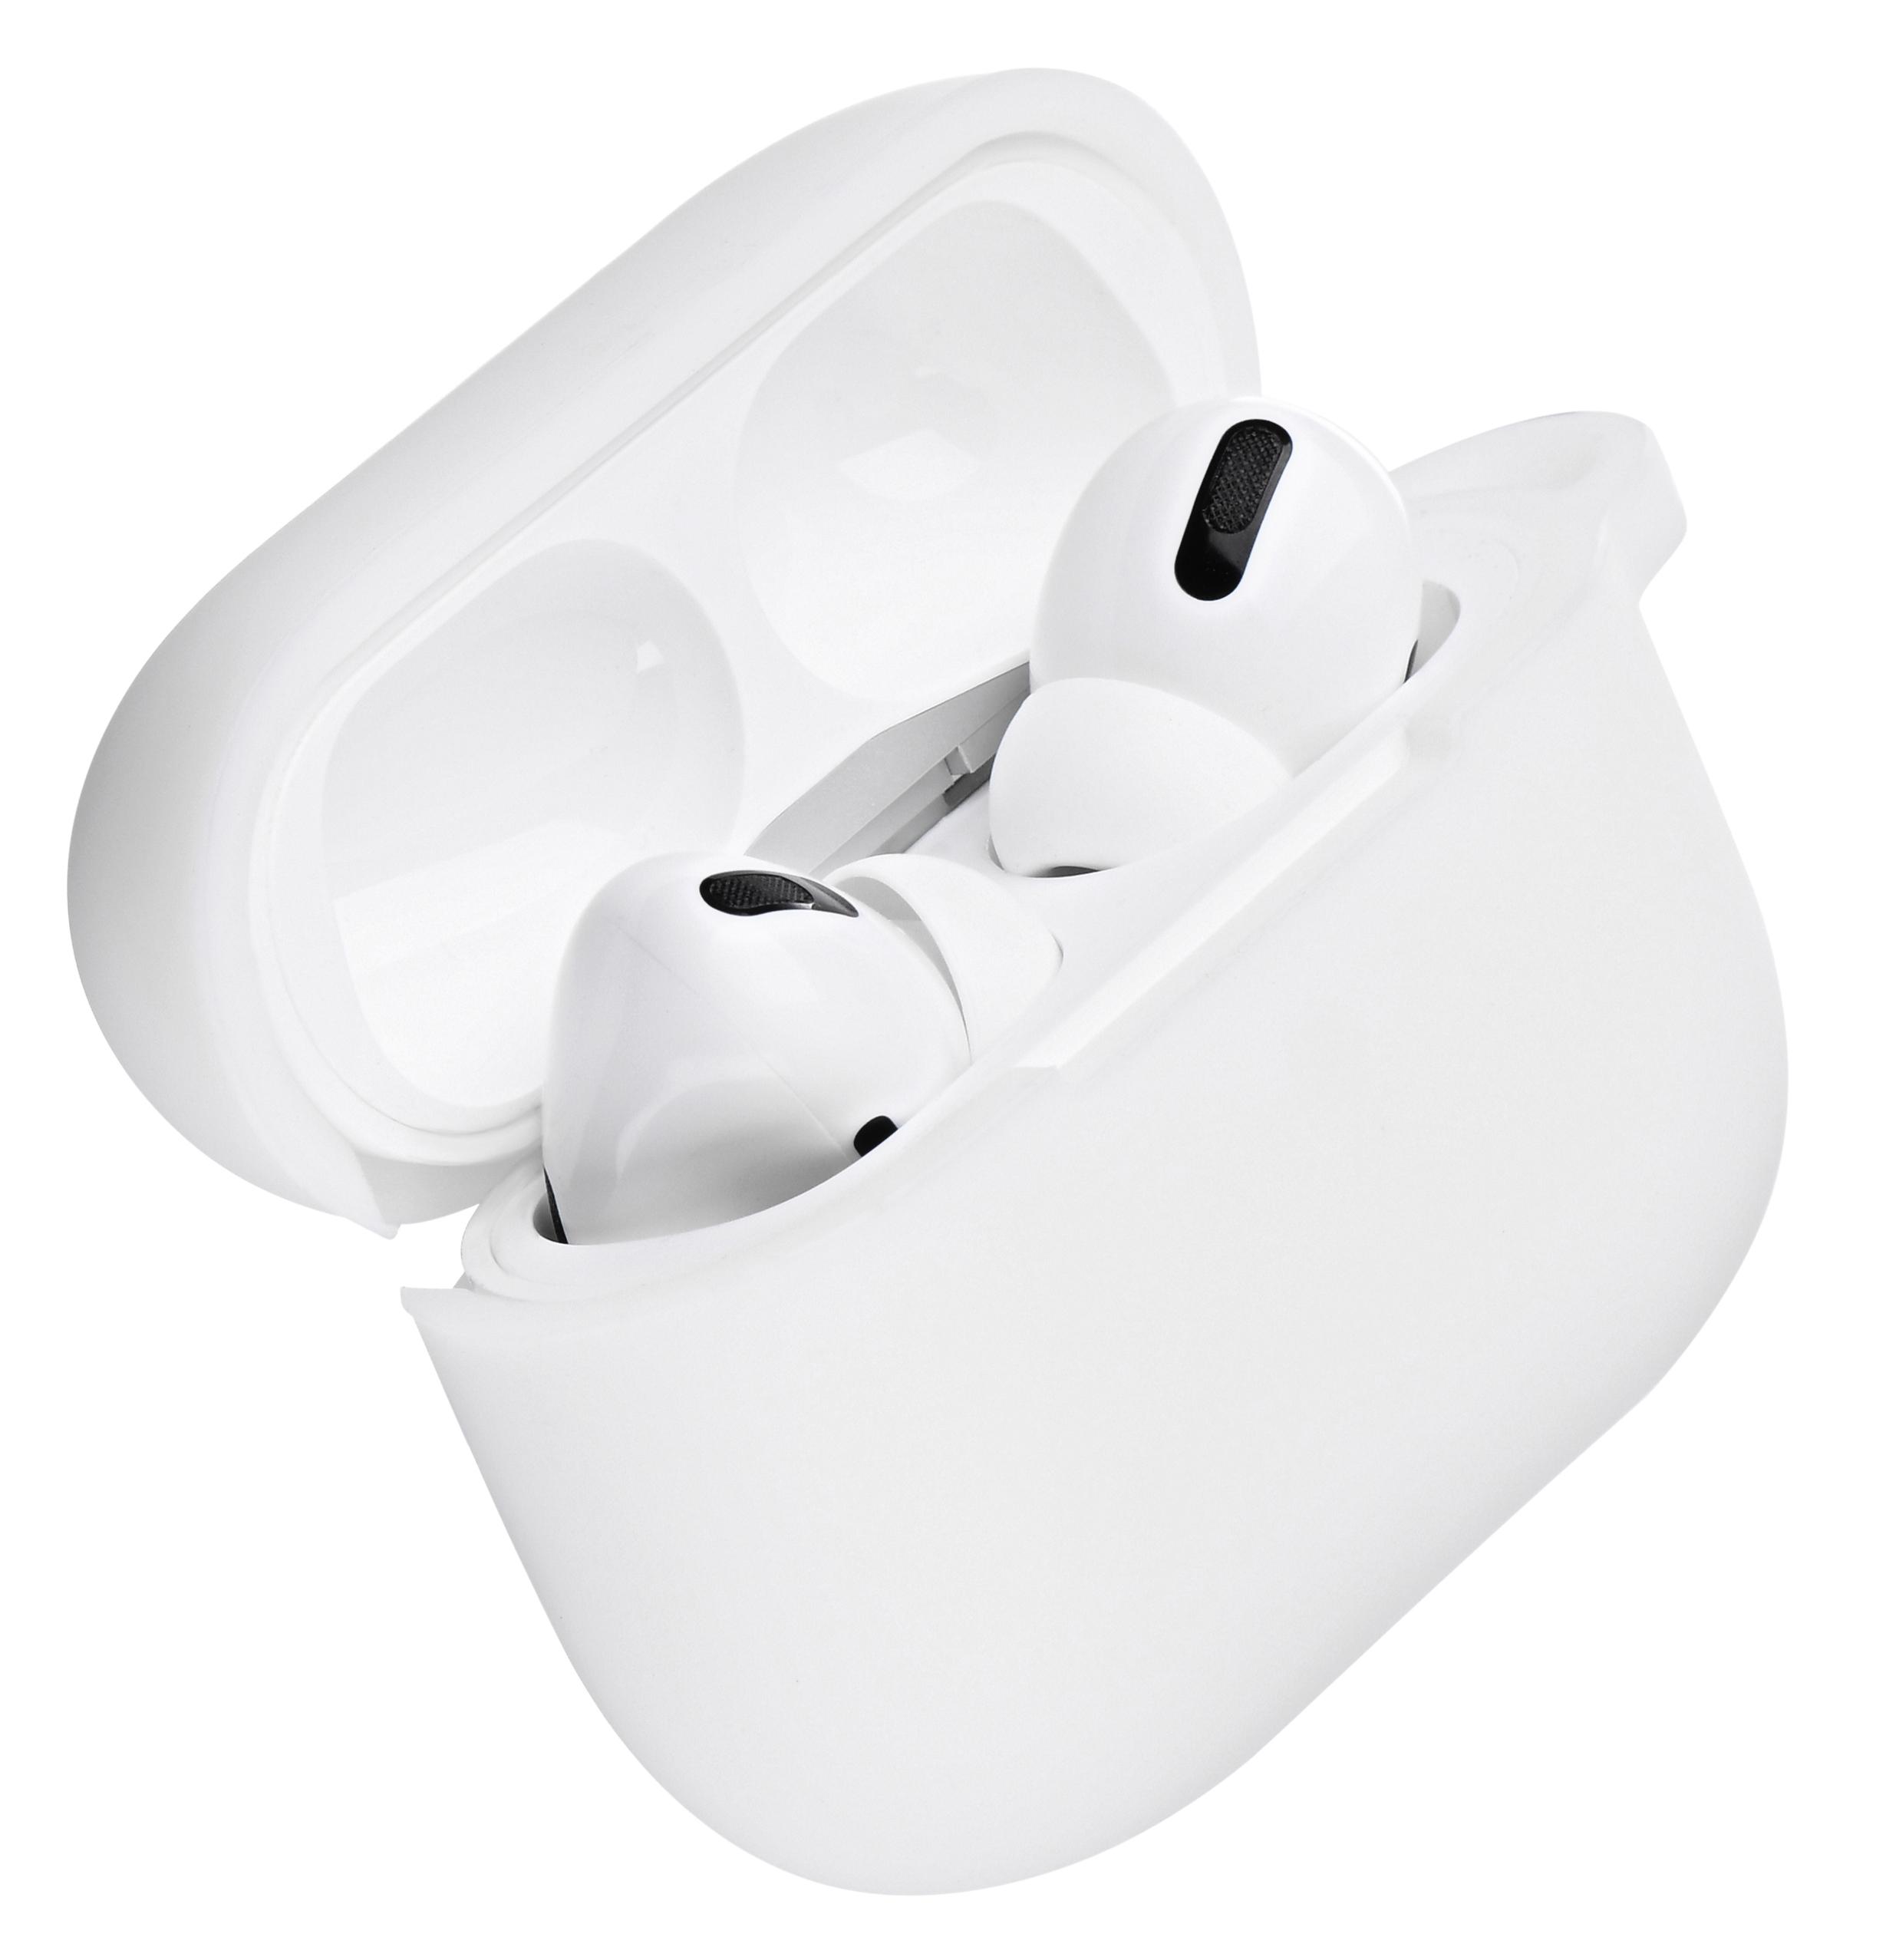 Case for Airpods Pro 2E White  - 3